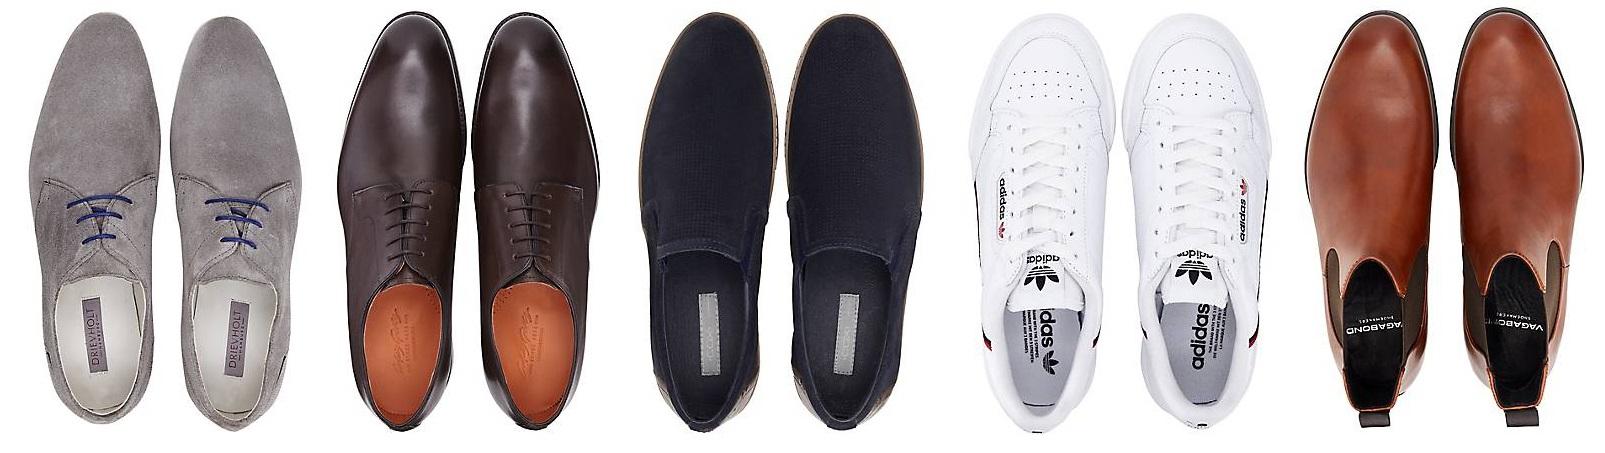 Herren Schuhe versandkostenfrei kaufen | GÖRTZ